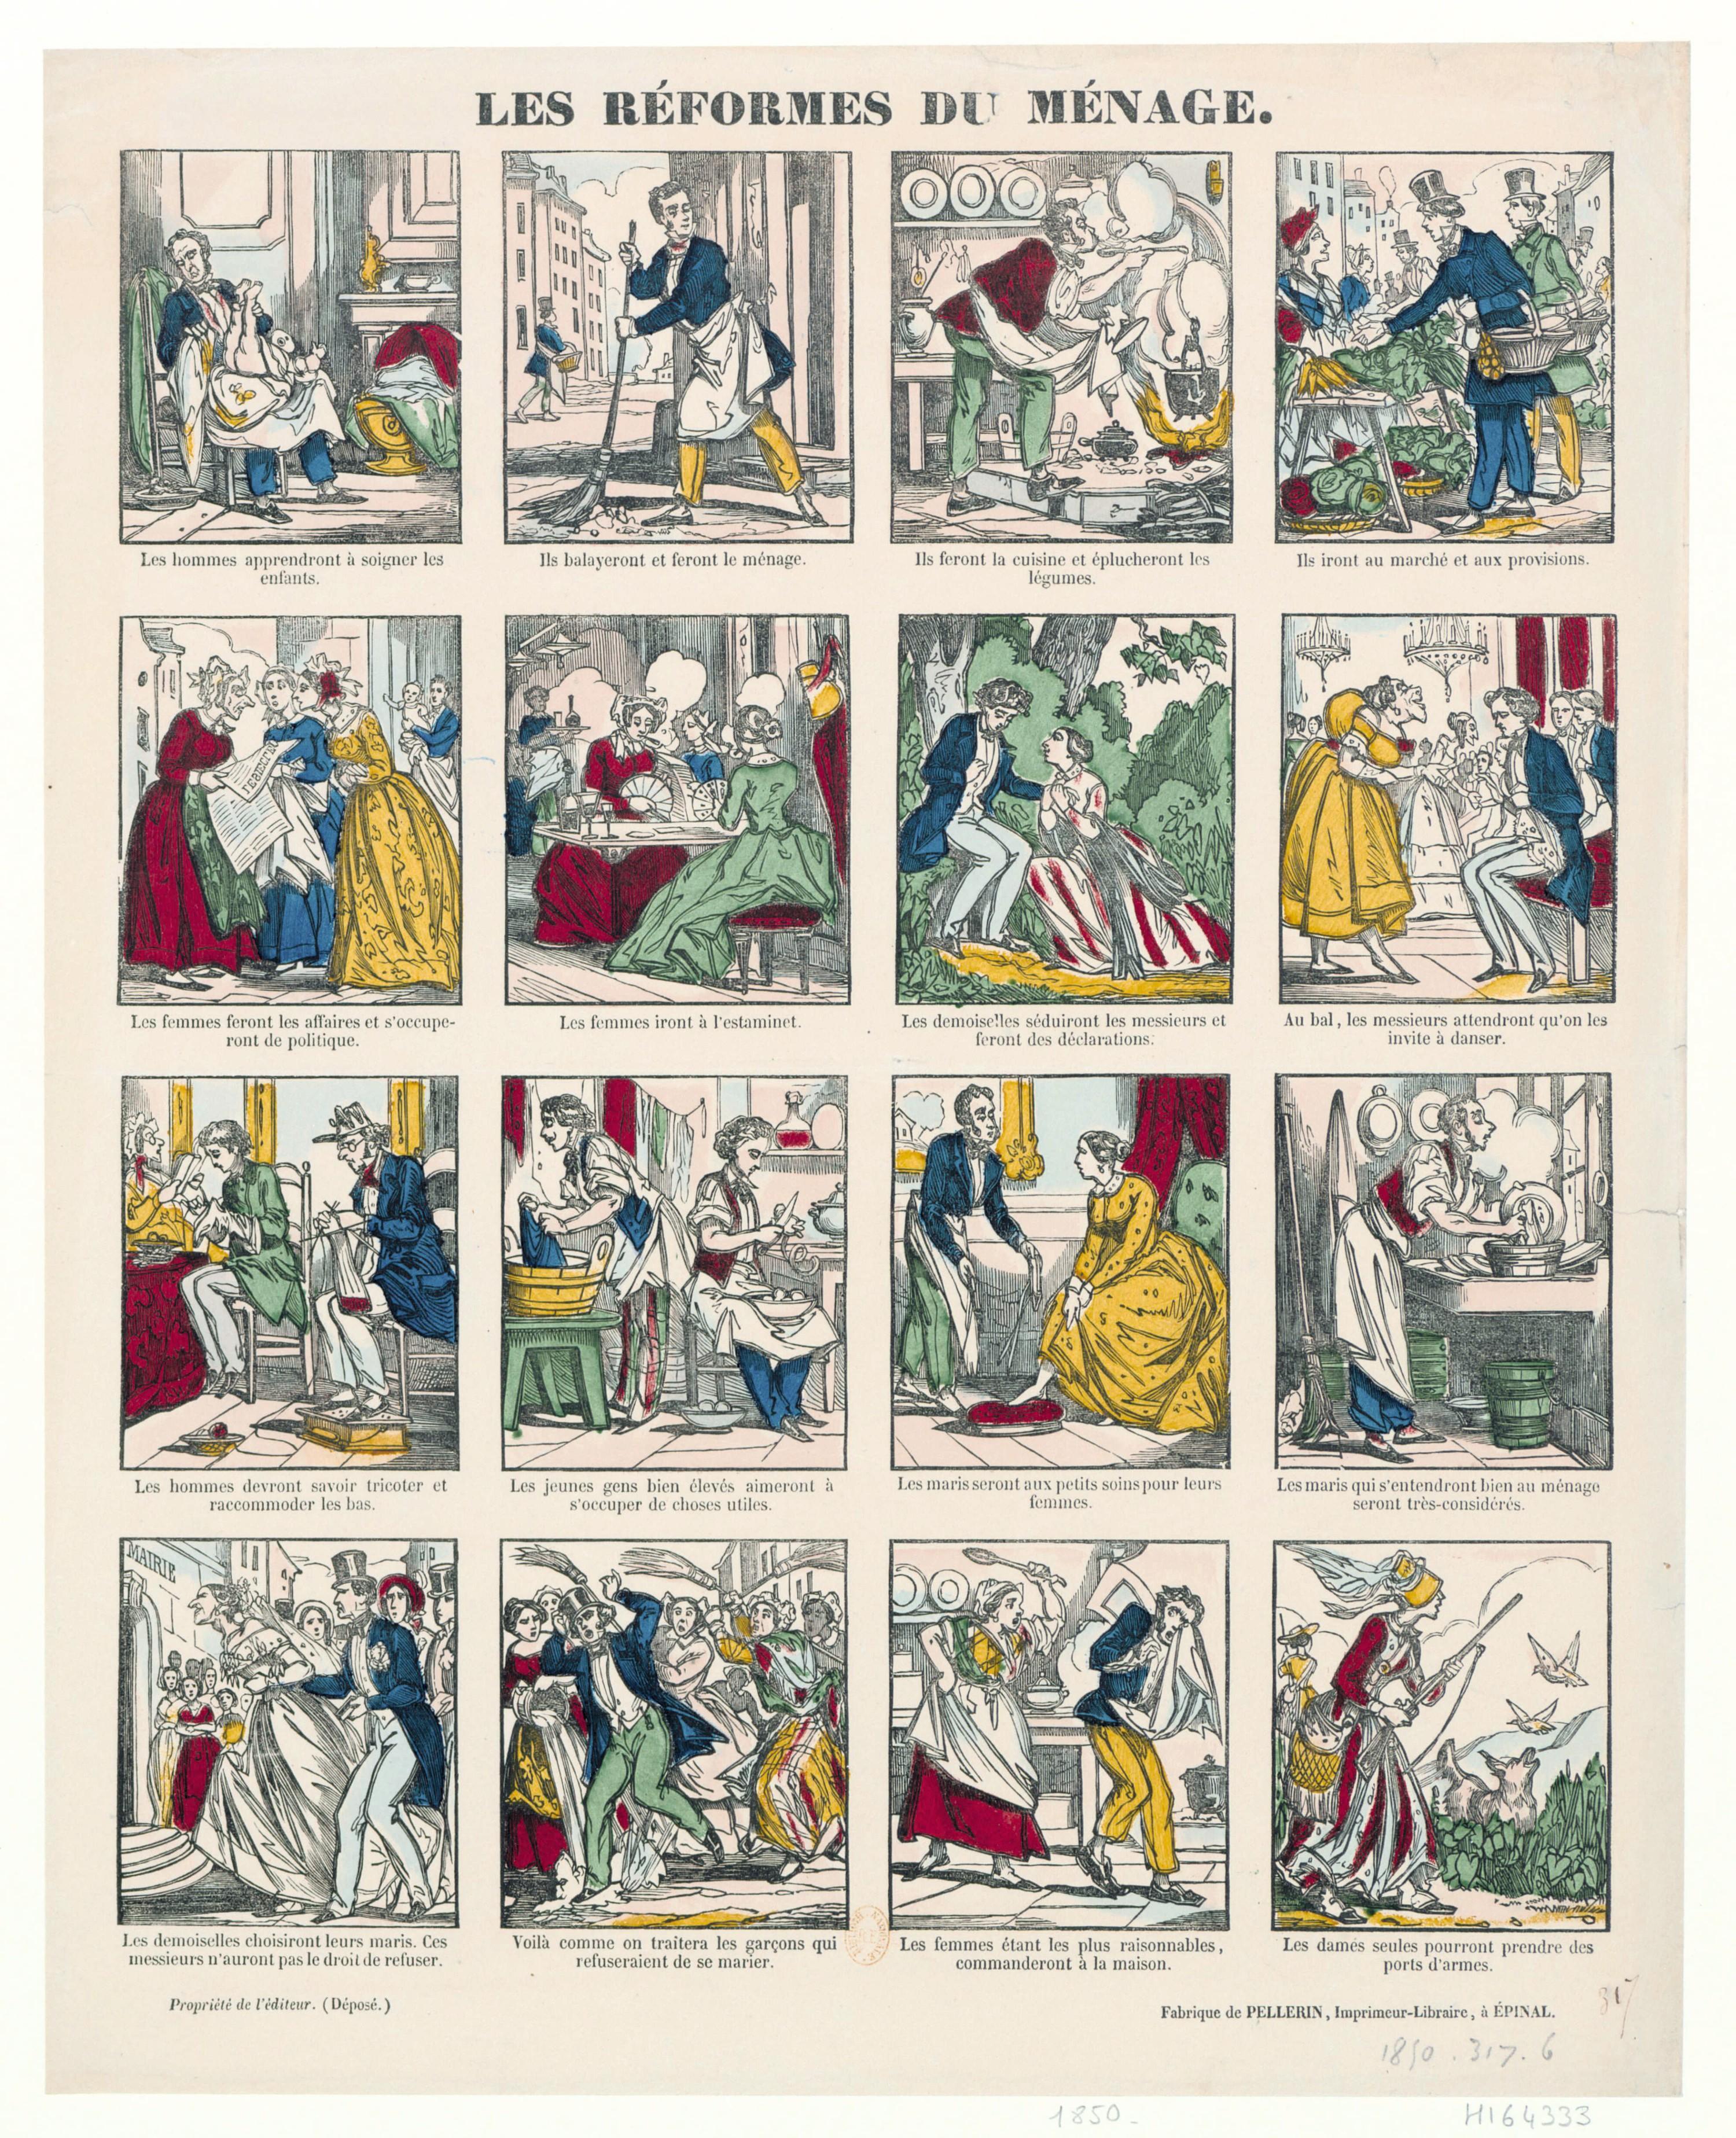 Les réformes du ménage, 1850, estampe populaire, BnF, Paris.